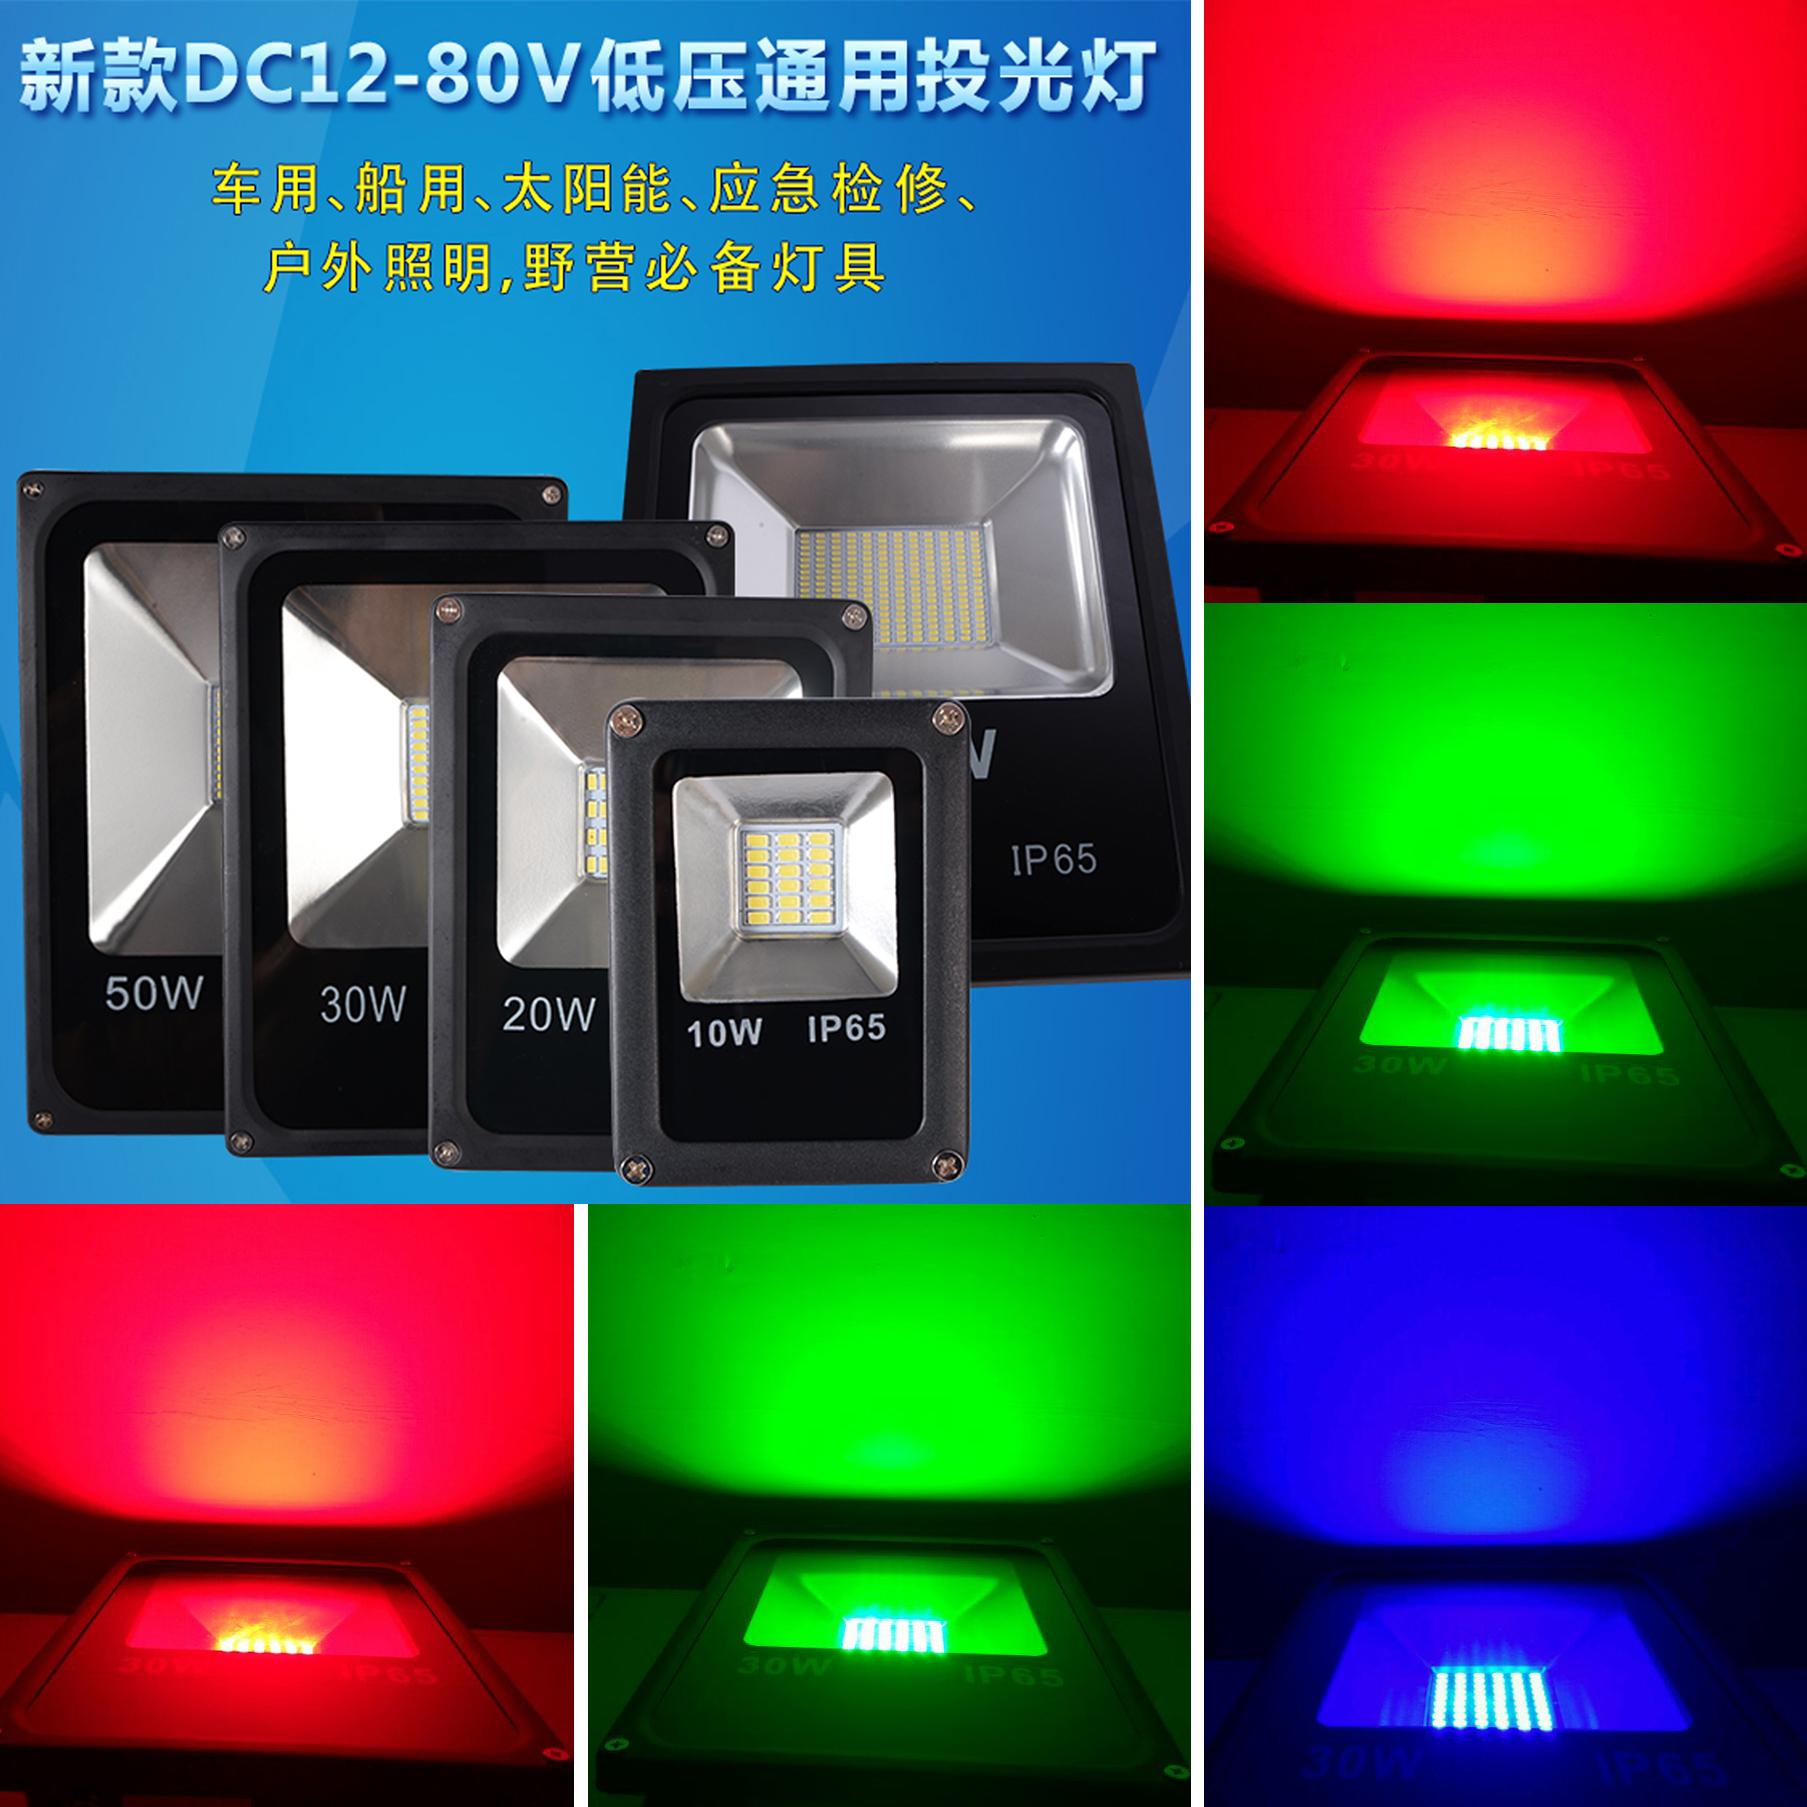 LED贴片投光灯RGB红绿蓝光泛光灯投射灯低压12v24V36V  10W低压投光灯RGB 低压12-80V